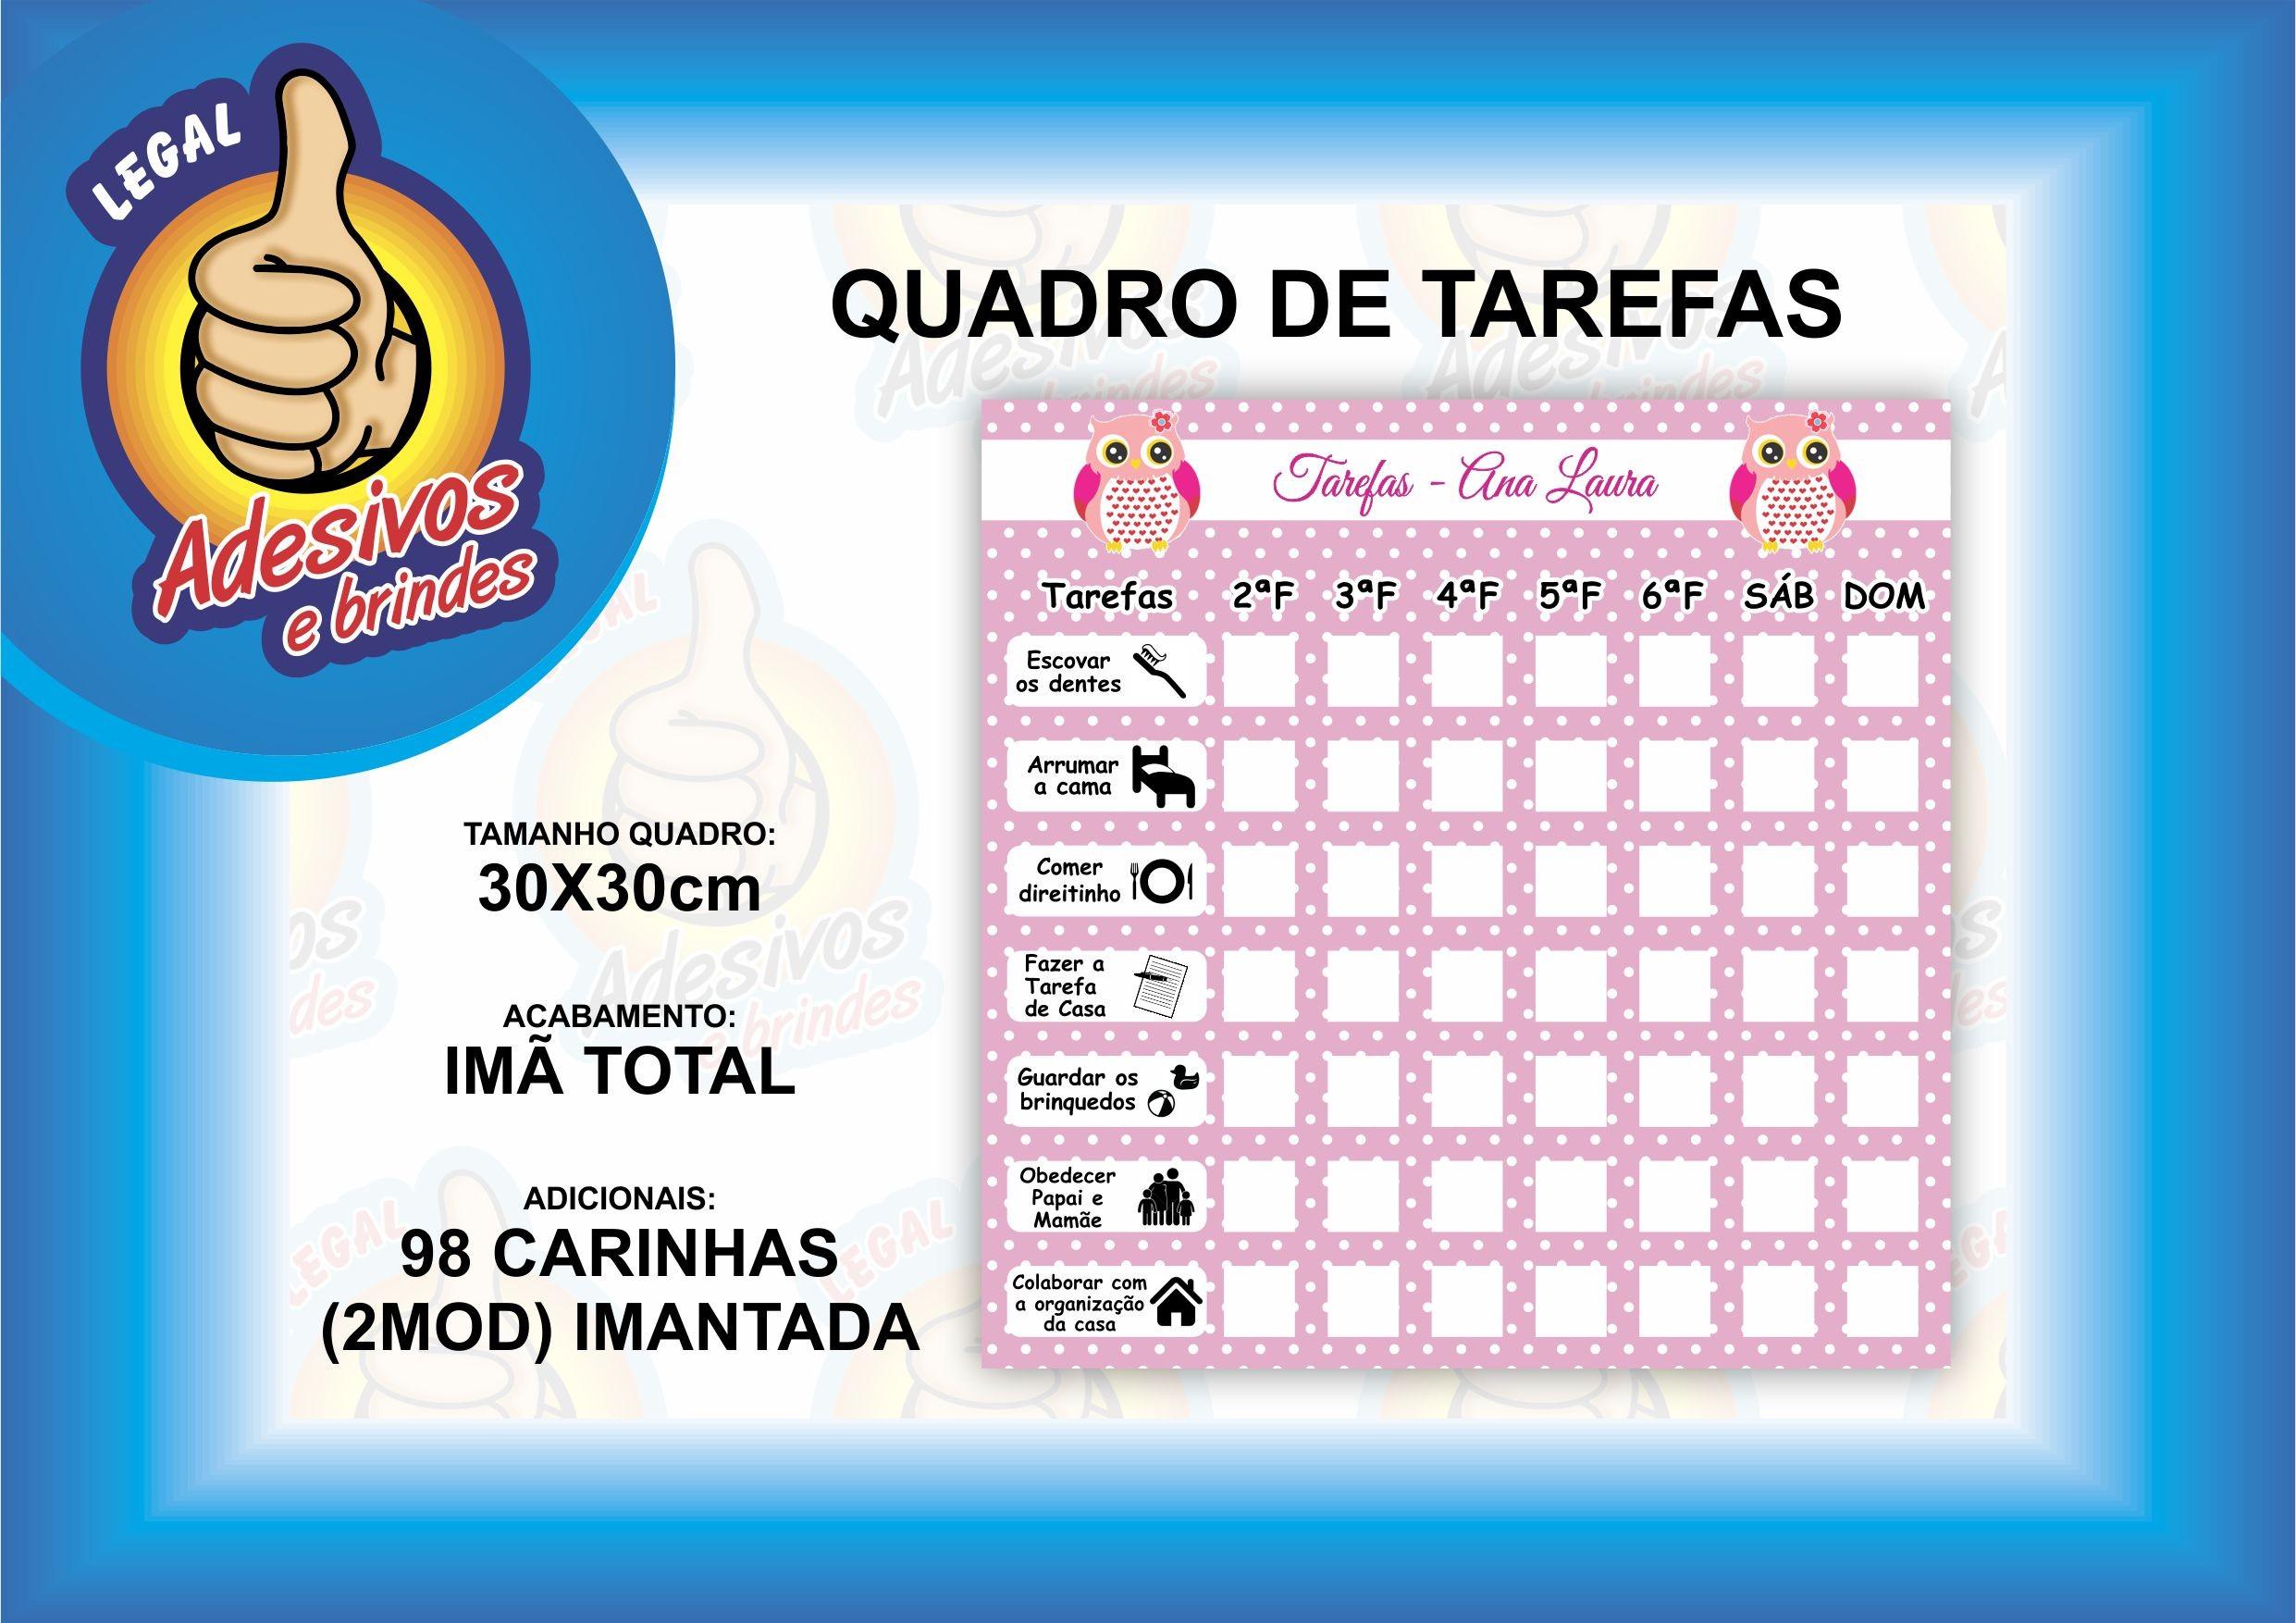 Calendario Jogos Copa 2019 Para Imprimir Actual Calendário De Tarefas Of Calendario Jogos Copa 2019 Para Imprimir Más Reciente Tag Resultado Dos Jogos Da Copa